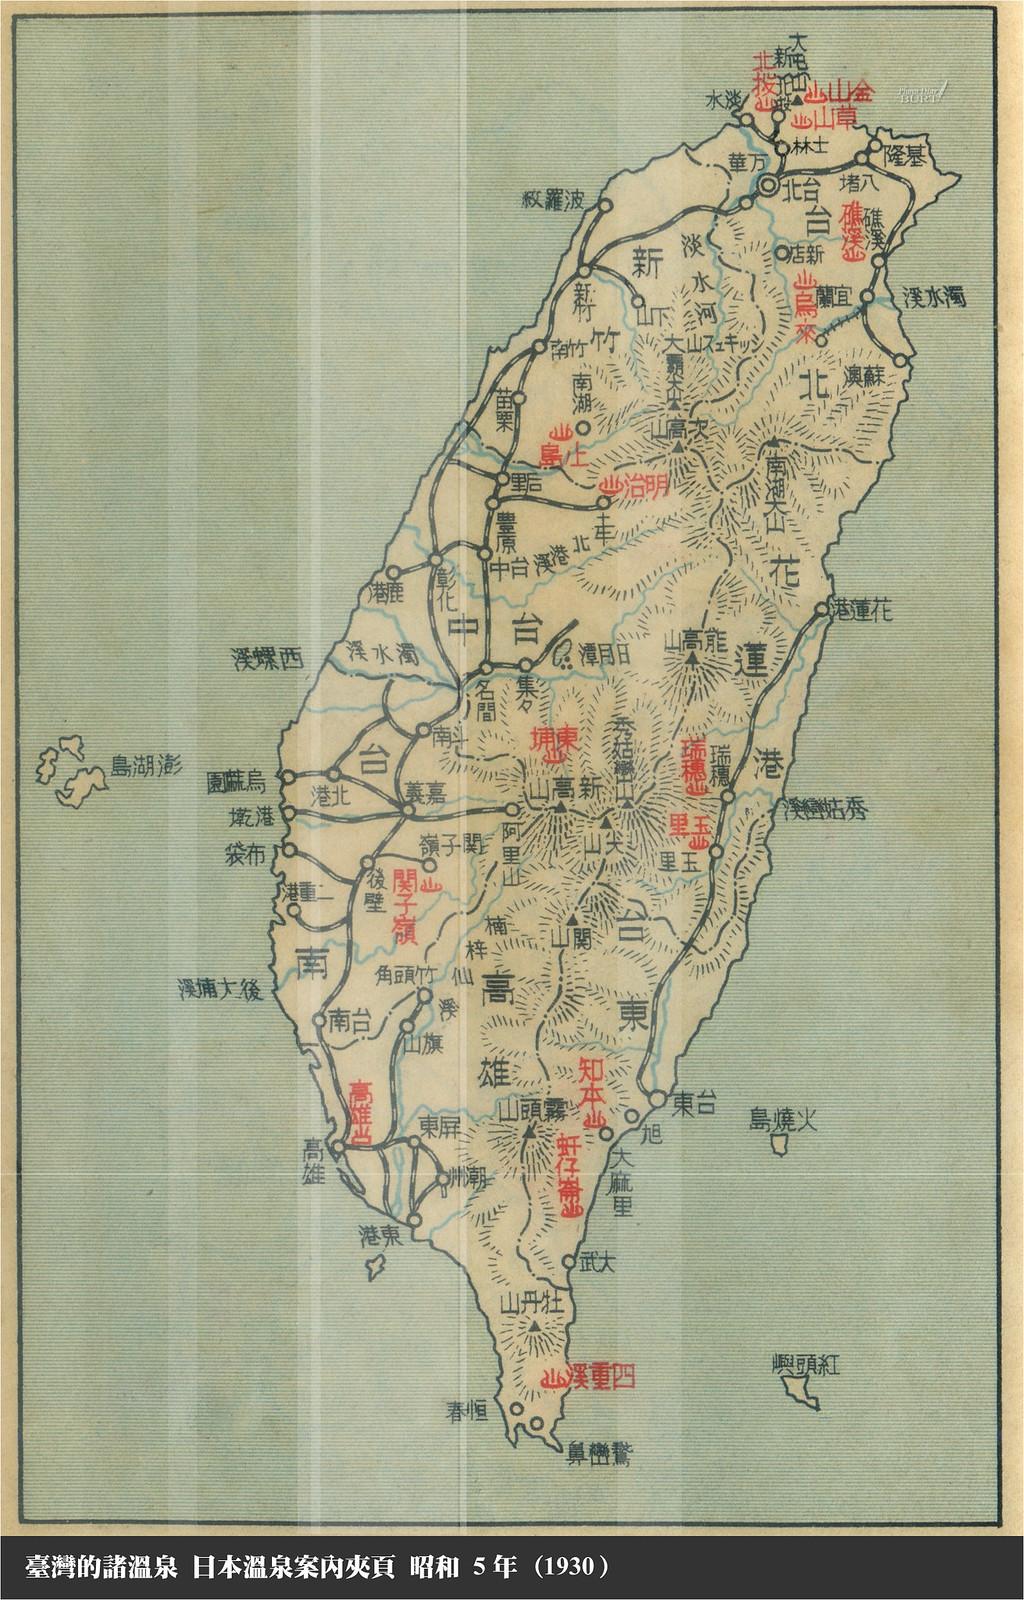 臺灣諸溫泉